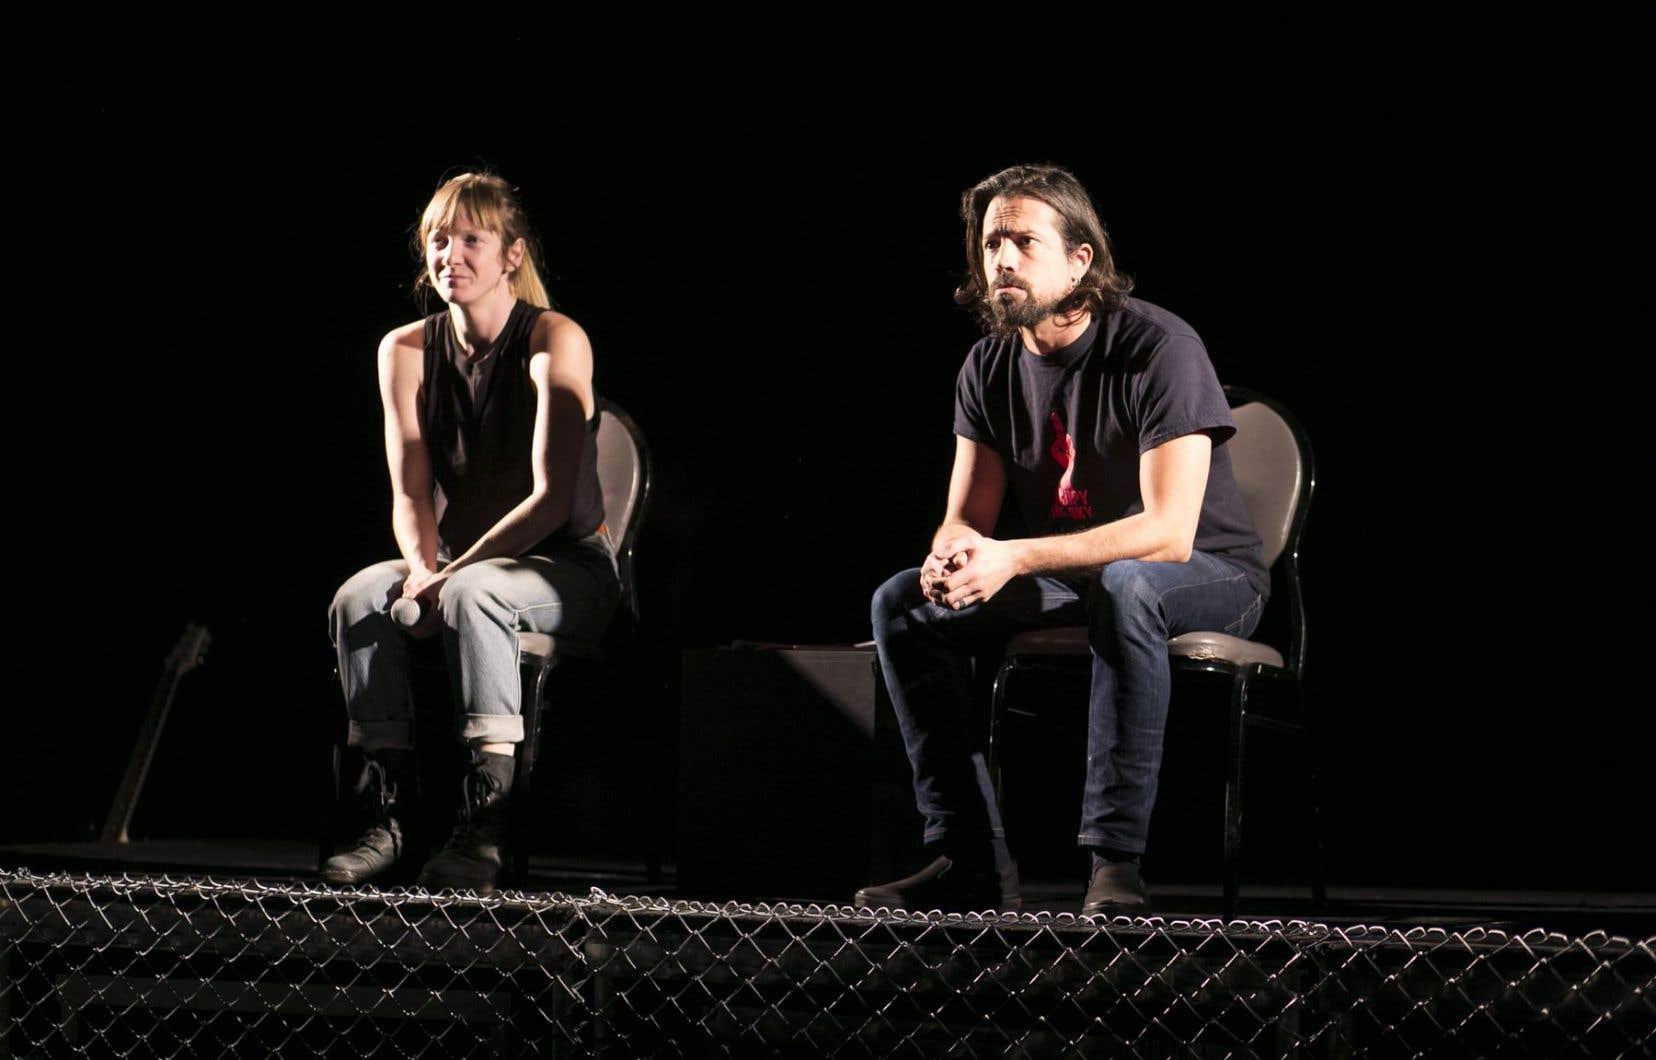 Mathieu Campagna et Catherine Dorion, d'une présence forte, sans artifice aucun, prêtent leur voix à des billets de blogue triés sur le volet.